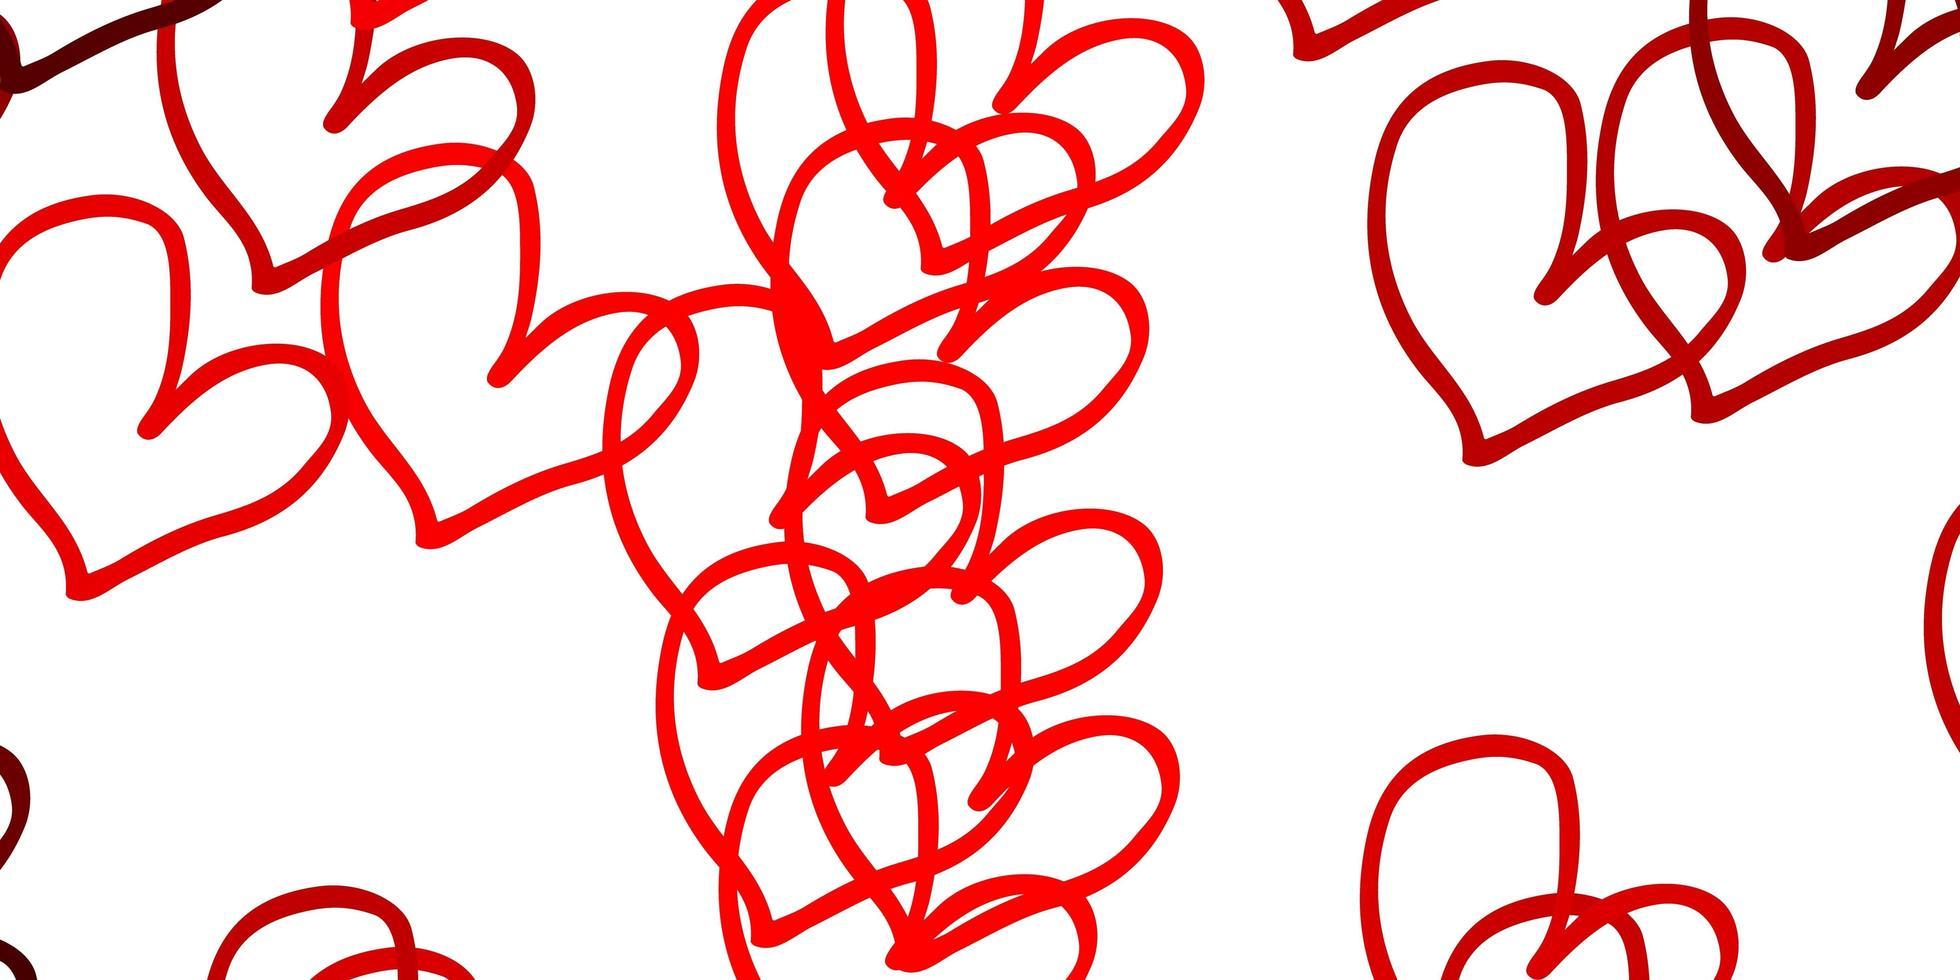 Telón de fondo de vector rojo claro con corazones dulces.